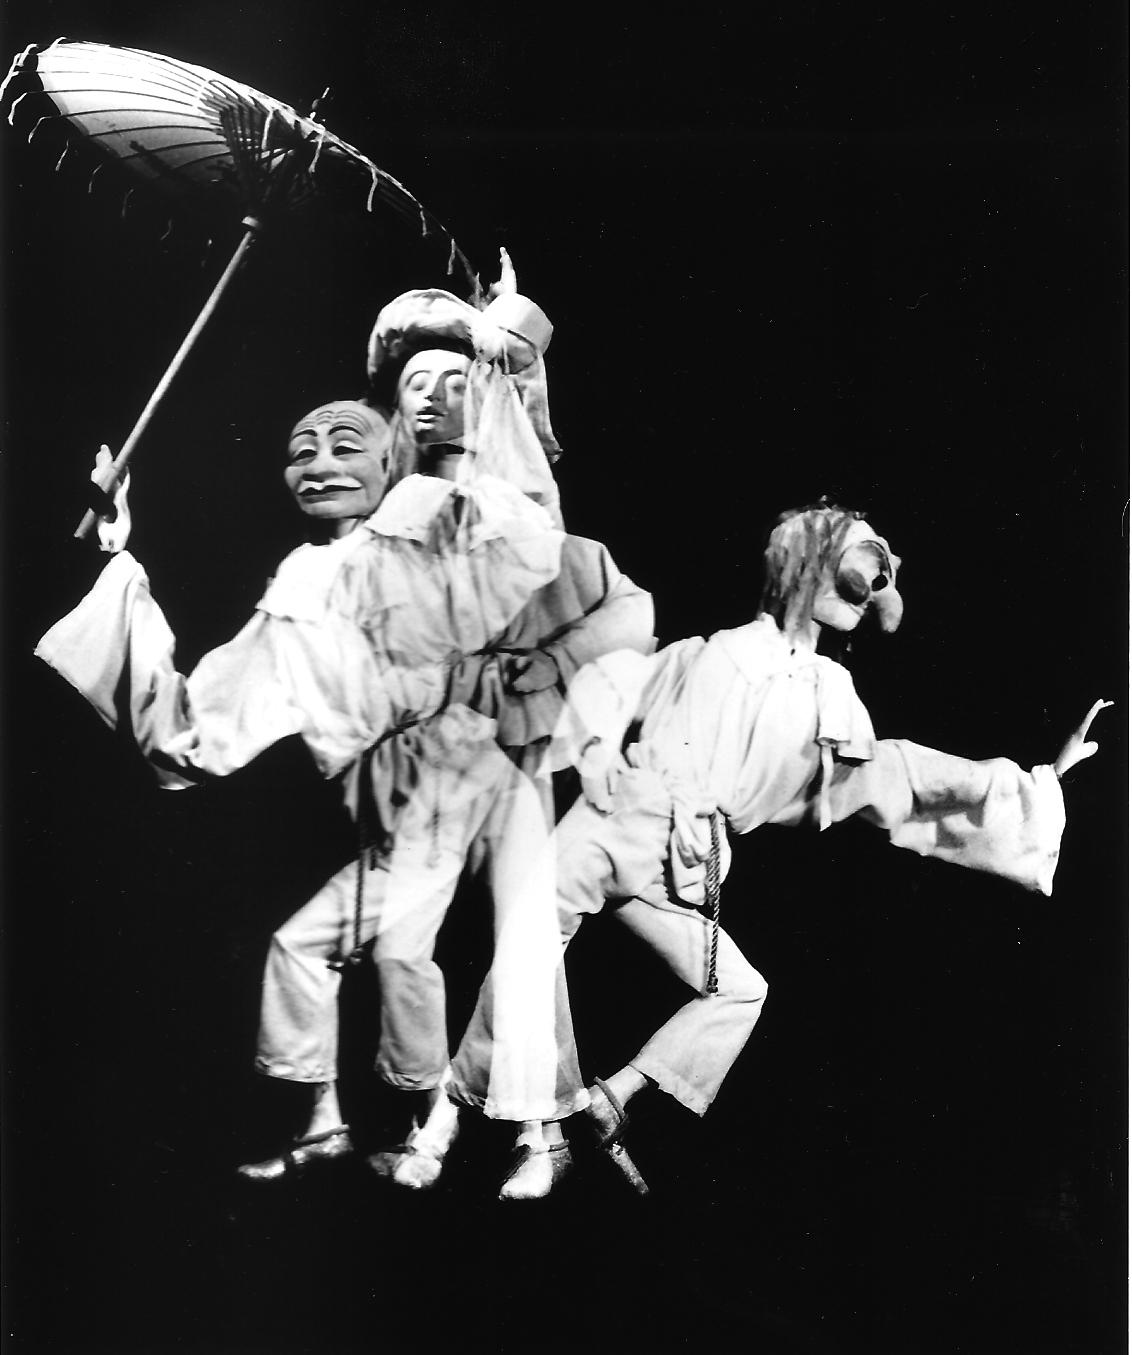 <em>Pierrot in Five Masks</em> (vers 1984) par Barry Smith. Marionnette de style Bunraku, hauteur : 1,5 m. Photo réproduite avec l'aimable autorisation de Collection : The National Puppetry Archive